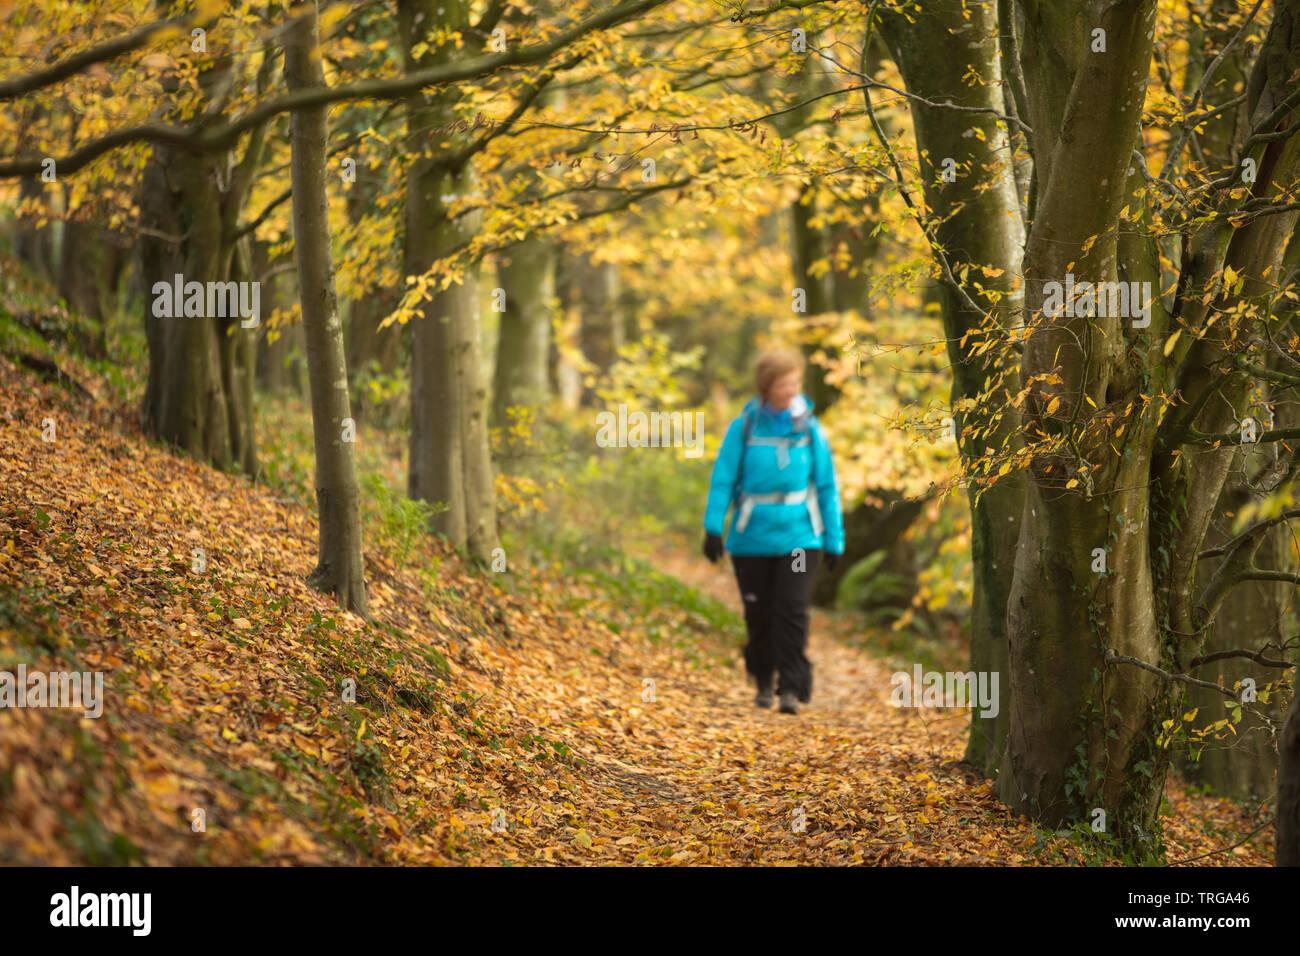 Ein Wanderer im herbstlichen Holway Woods in der Nähe von Sandford Orcas, Dorset, England, Großbritannien Stockfoto